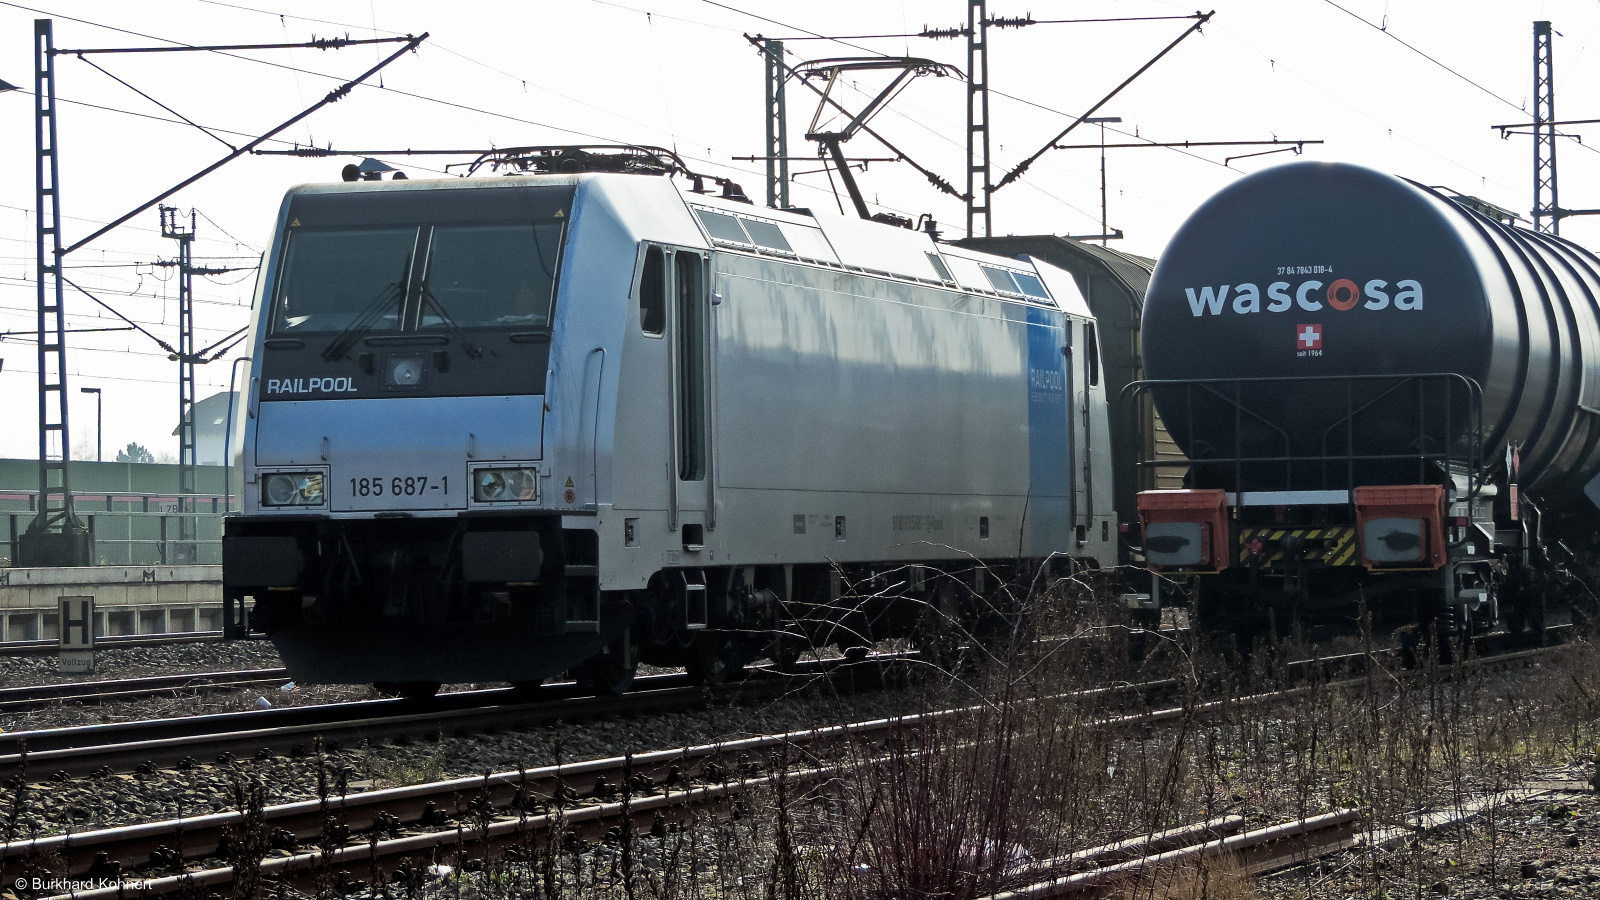 185 687-1 Railpool wartet auf Weiterfahrt